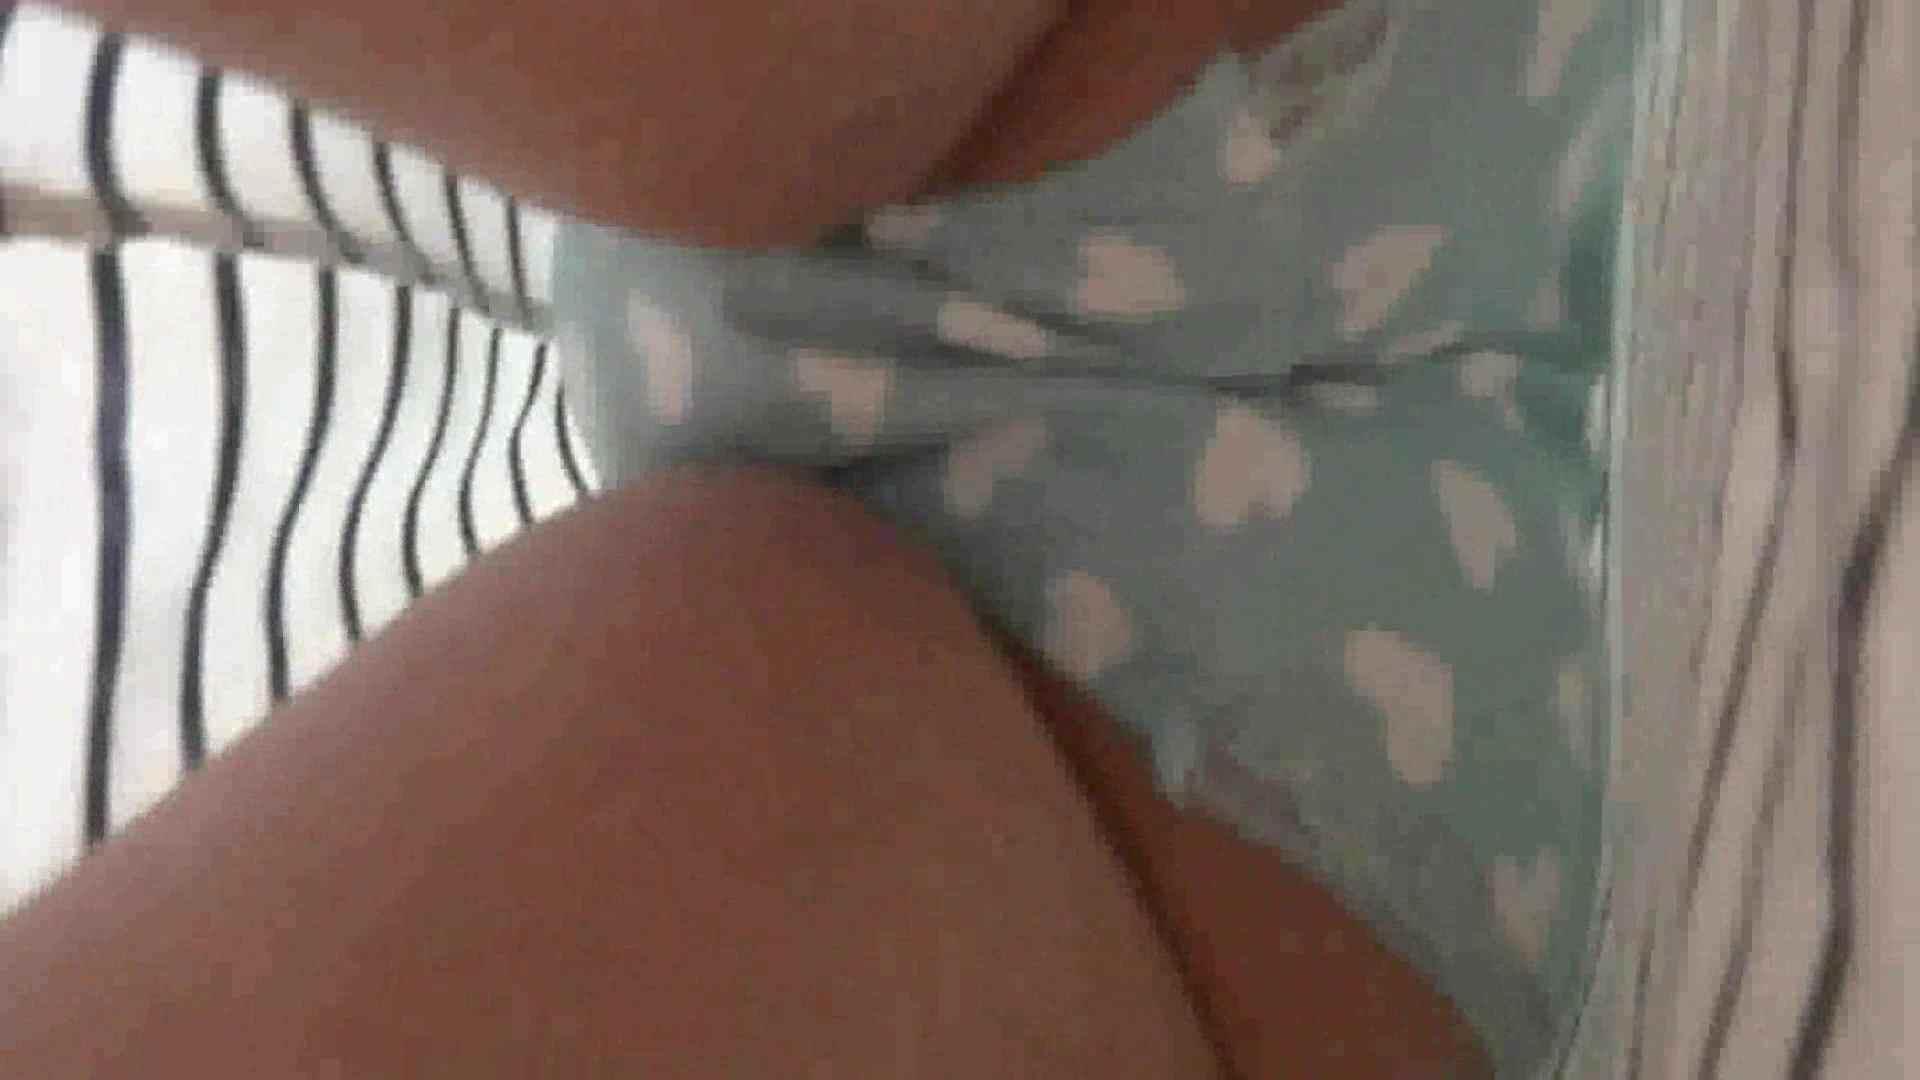 真剣に買い物中のgal達を上から下から狙います。vol.01 チラ系 おまんこ動画流出 85pic 53